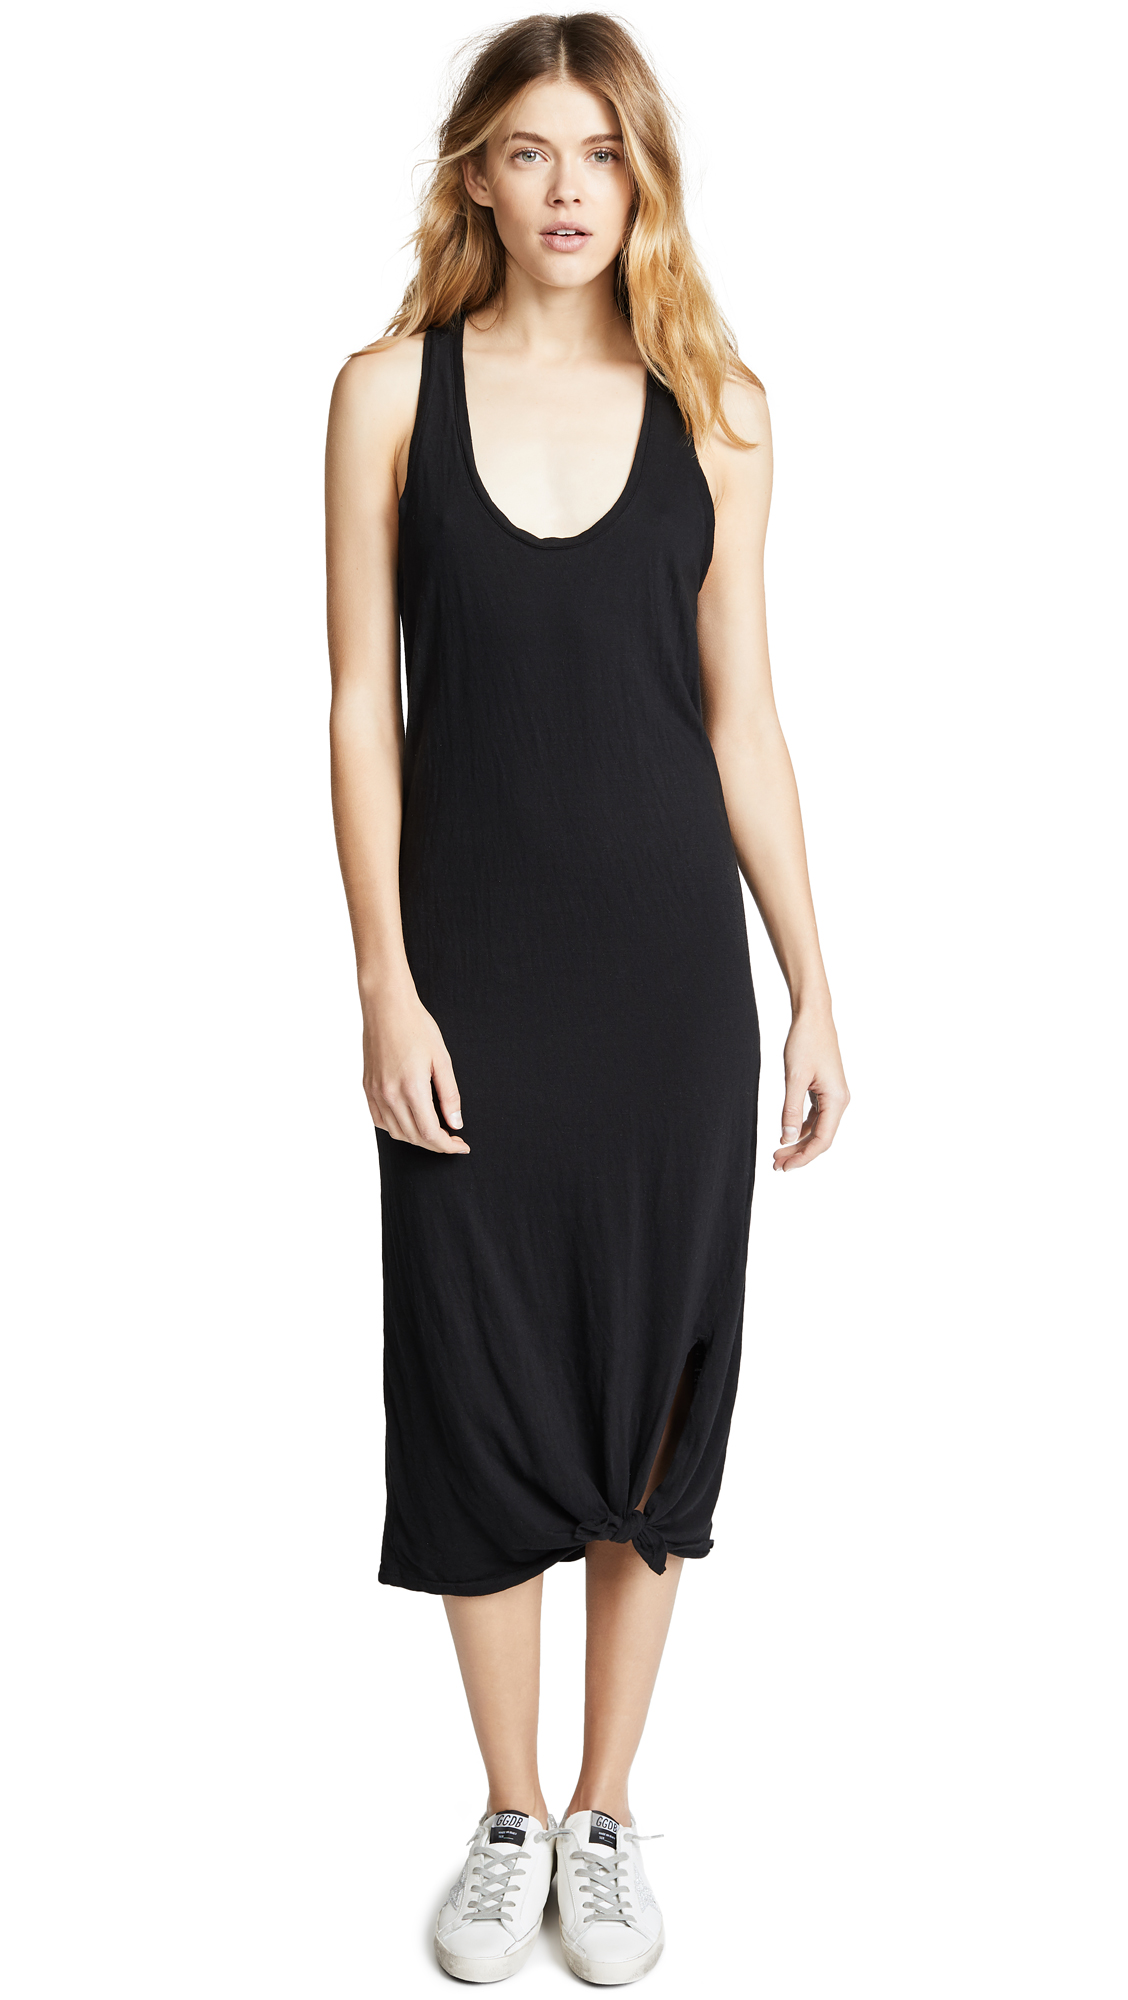 PAIGE Perrine Dress - Black